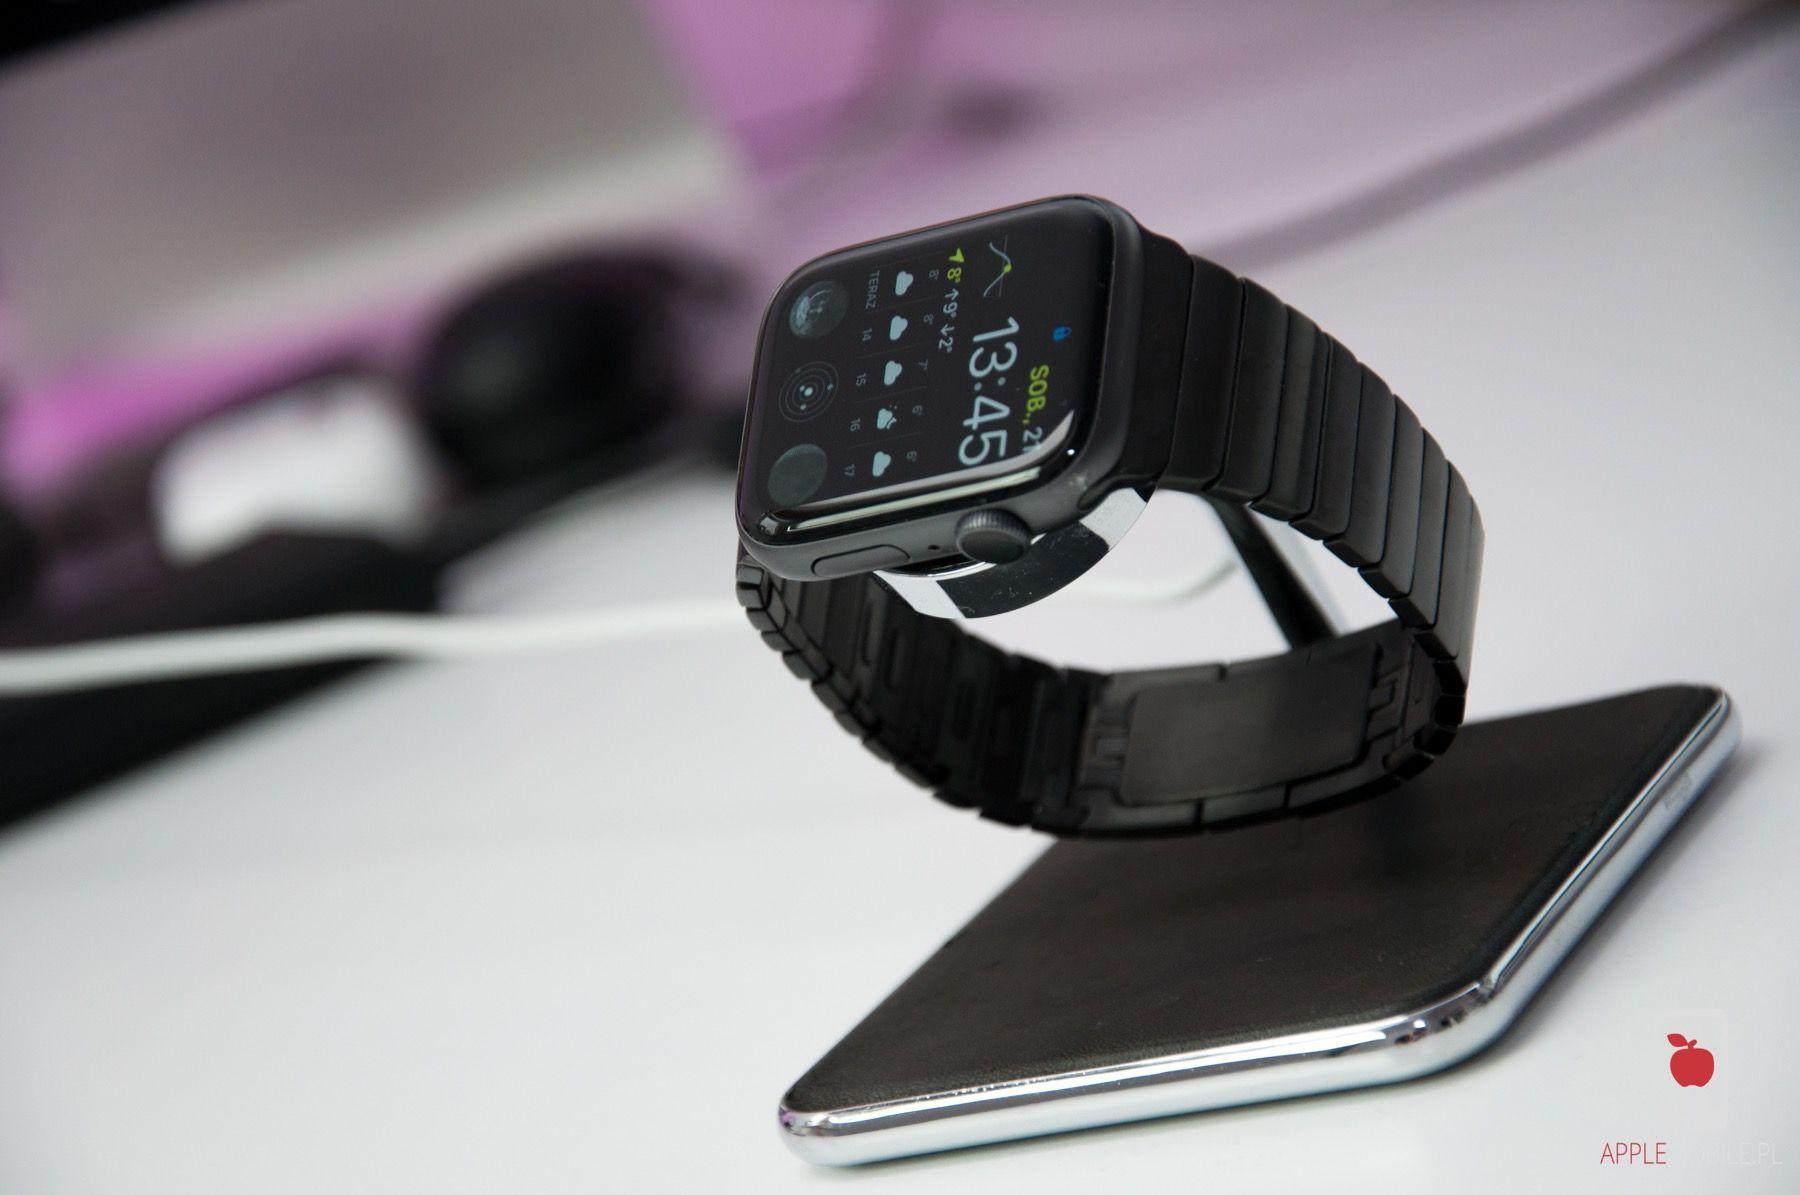 Bransoleta dla Apple Watch w kolorze gwieździstej czerni.